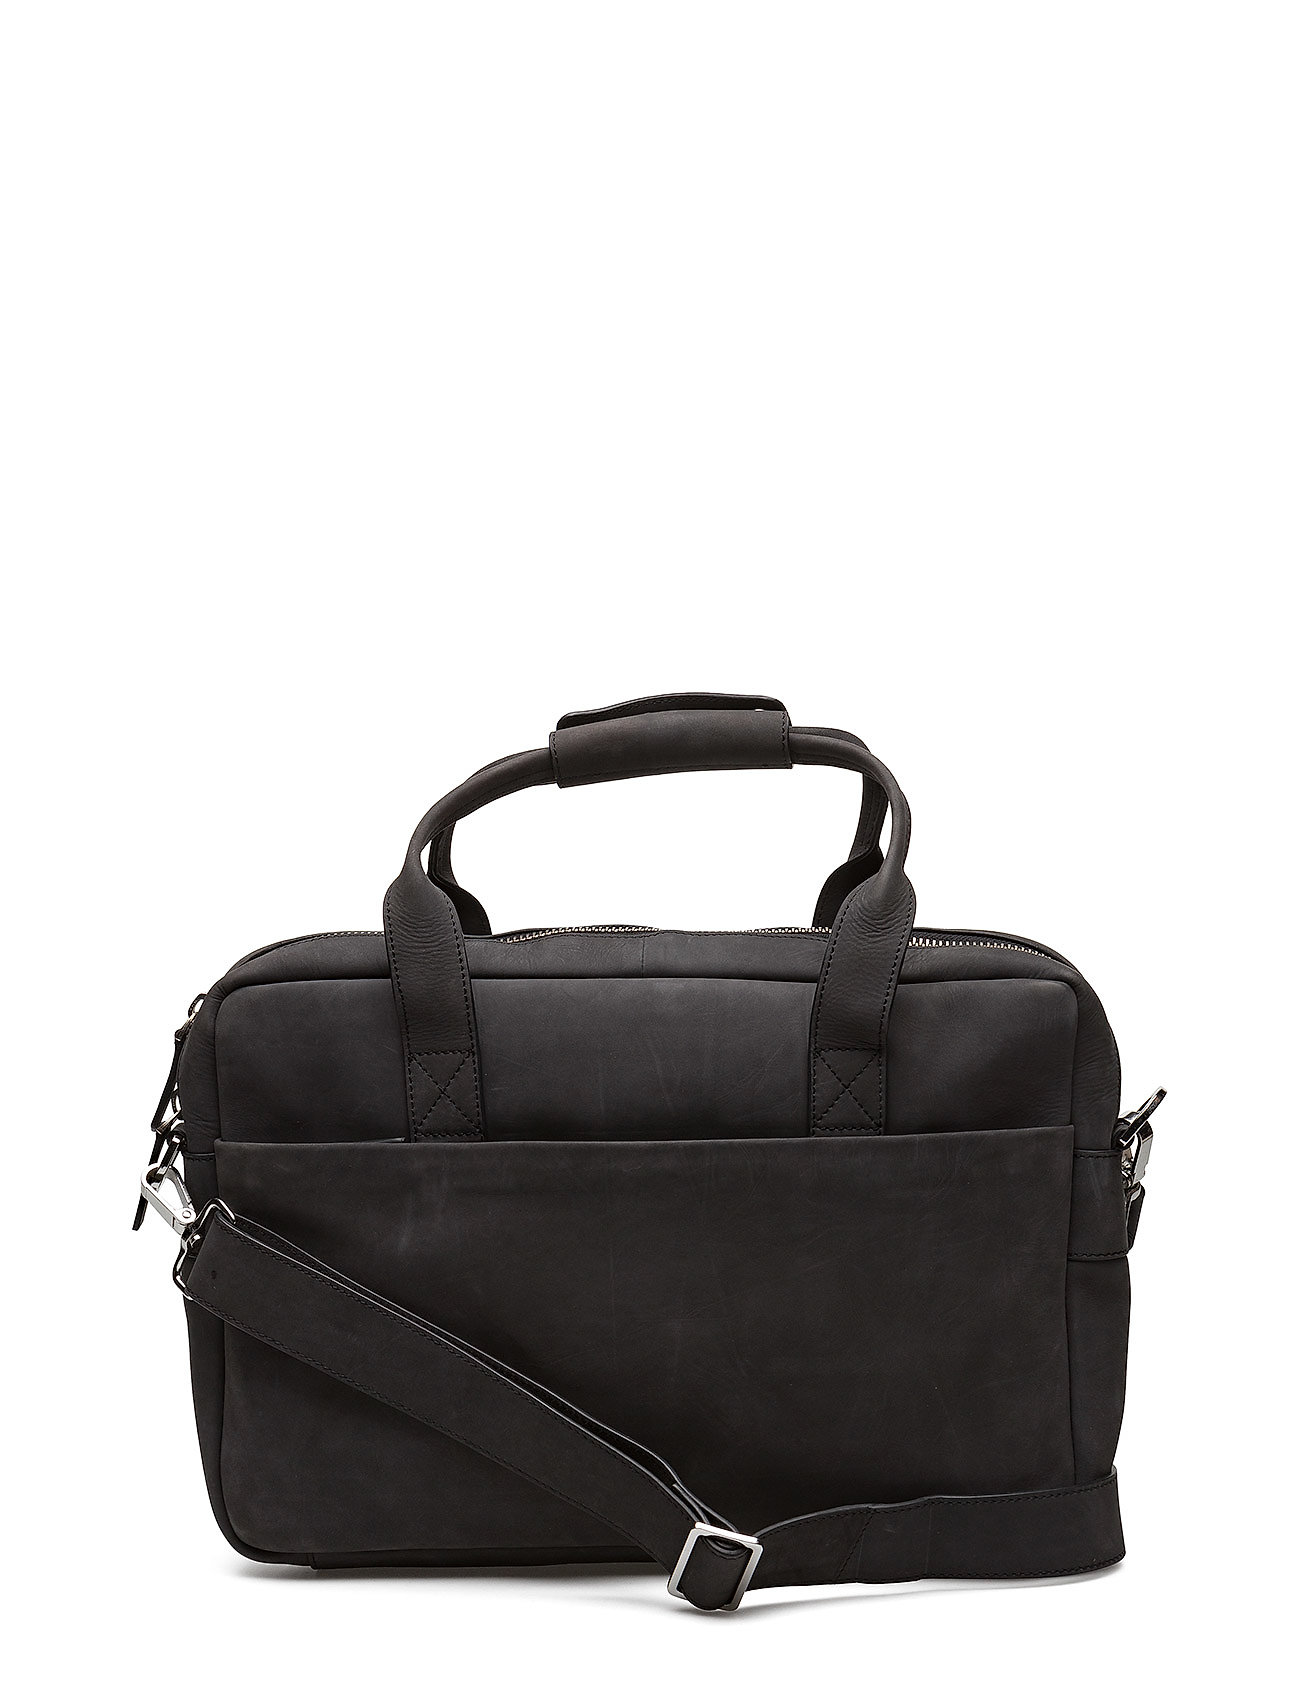 samsã¸e & samsã¸e Miro briefcase single 8162 på boozt.com dk